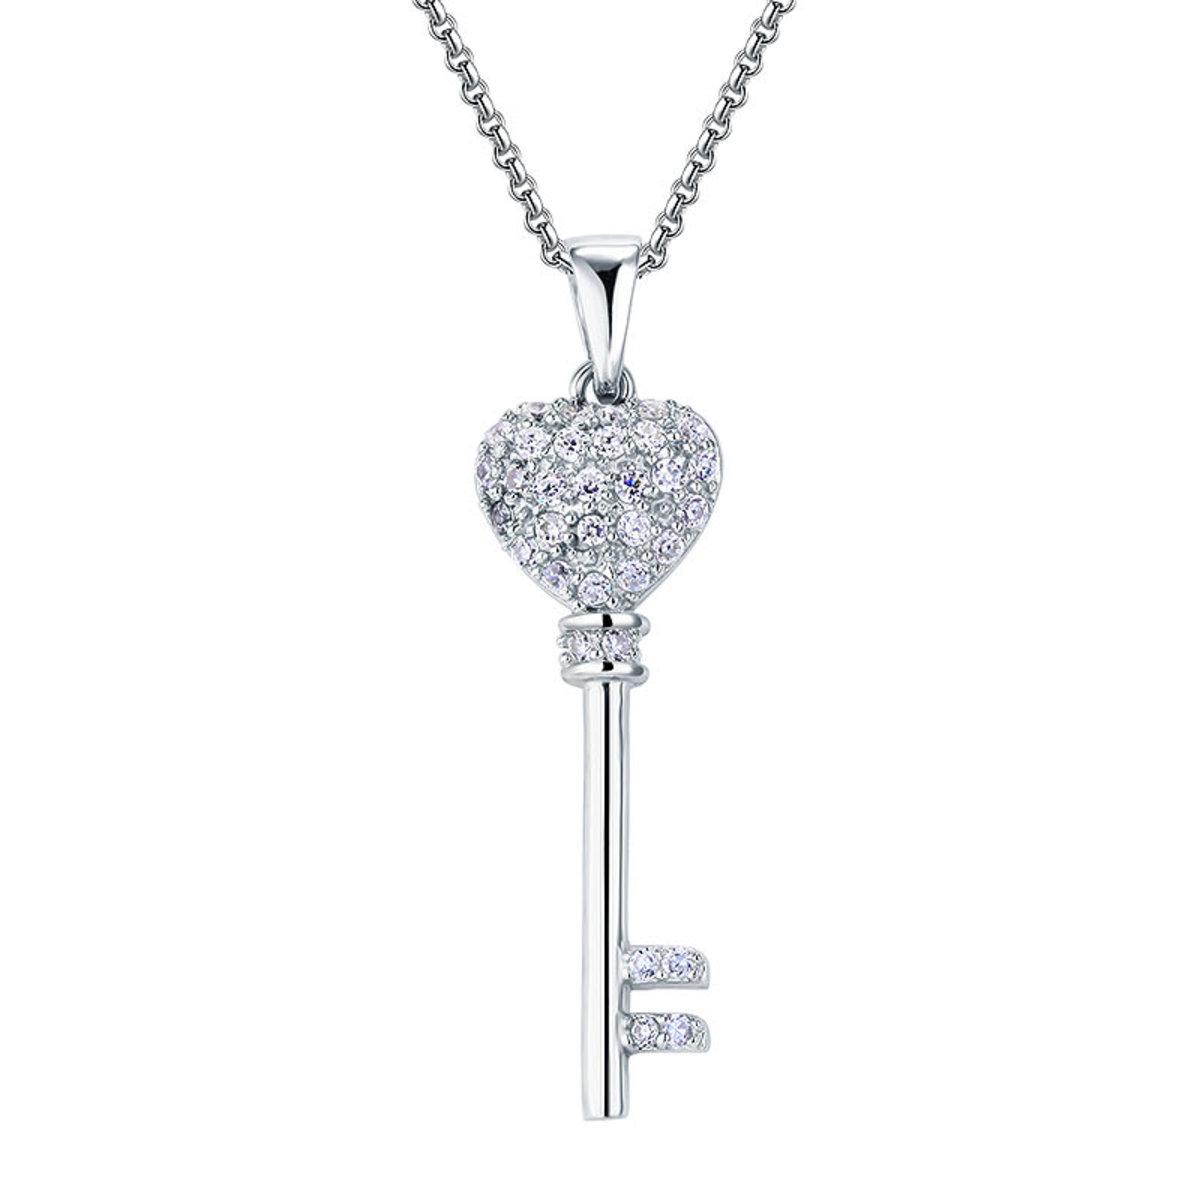 心形頸鏈 鑰匙吊咀項鍊 925純銀仿鑽 首飾